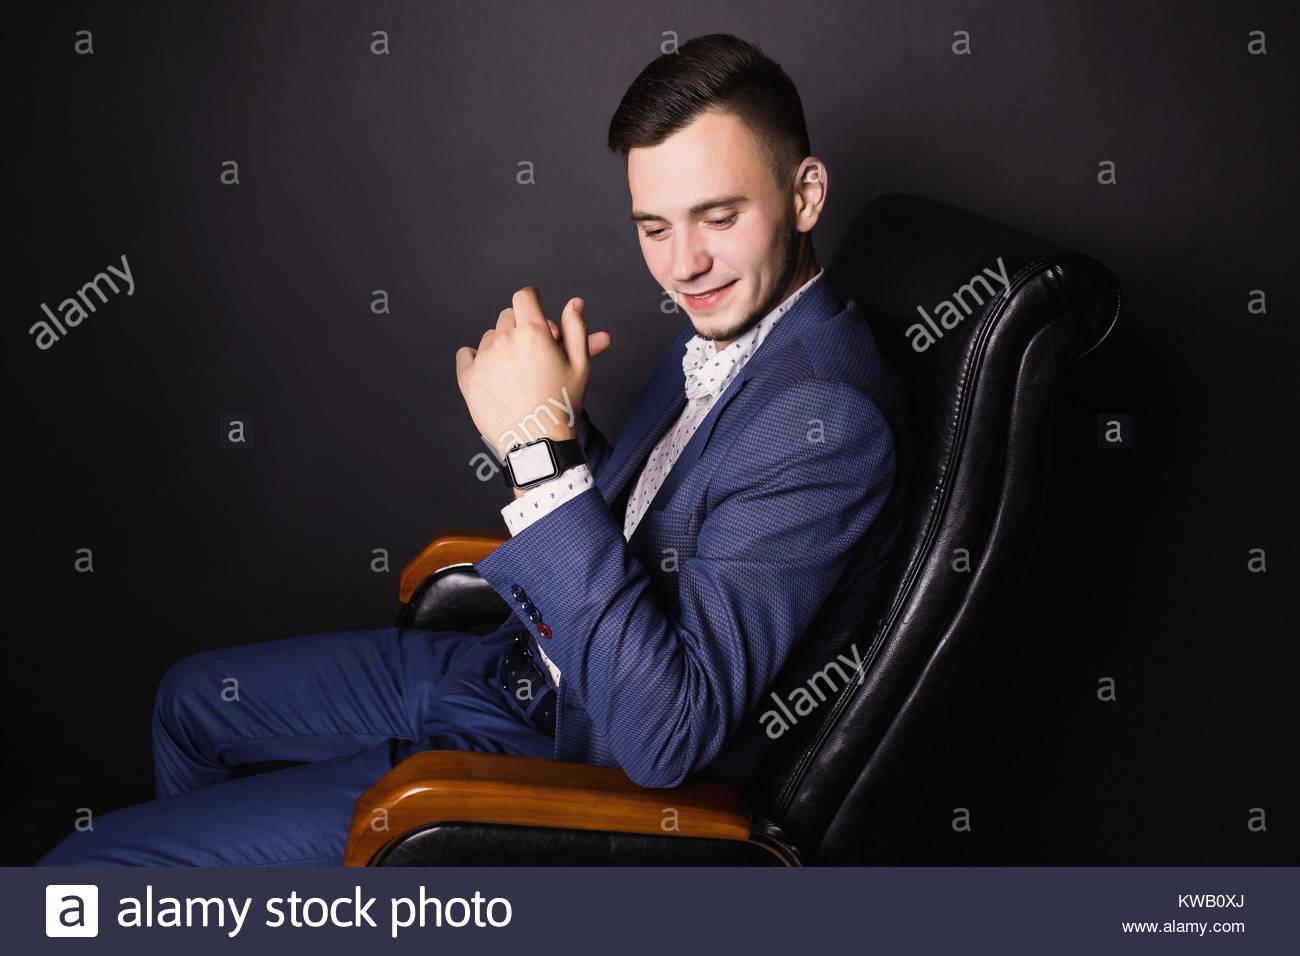 242bc9828 Un joven empresario exitoso en un traje de negocios y camisa blanca ...